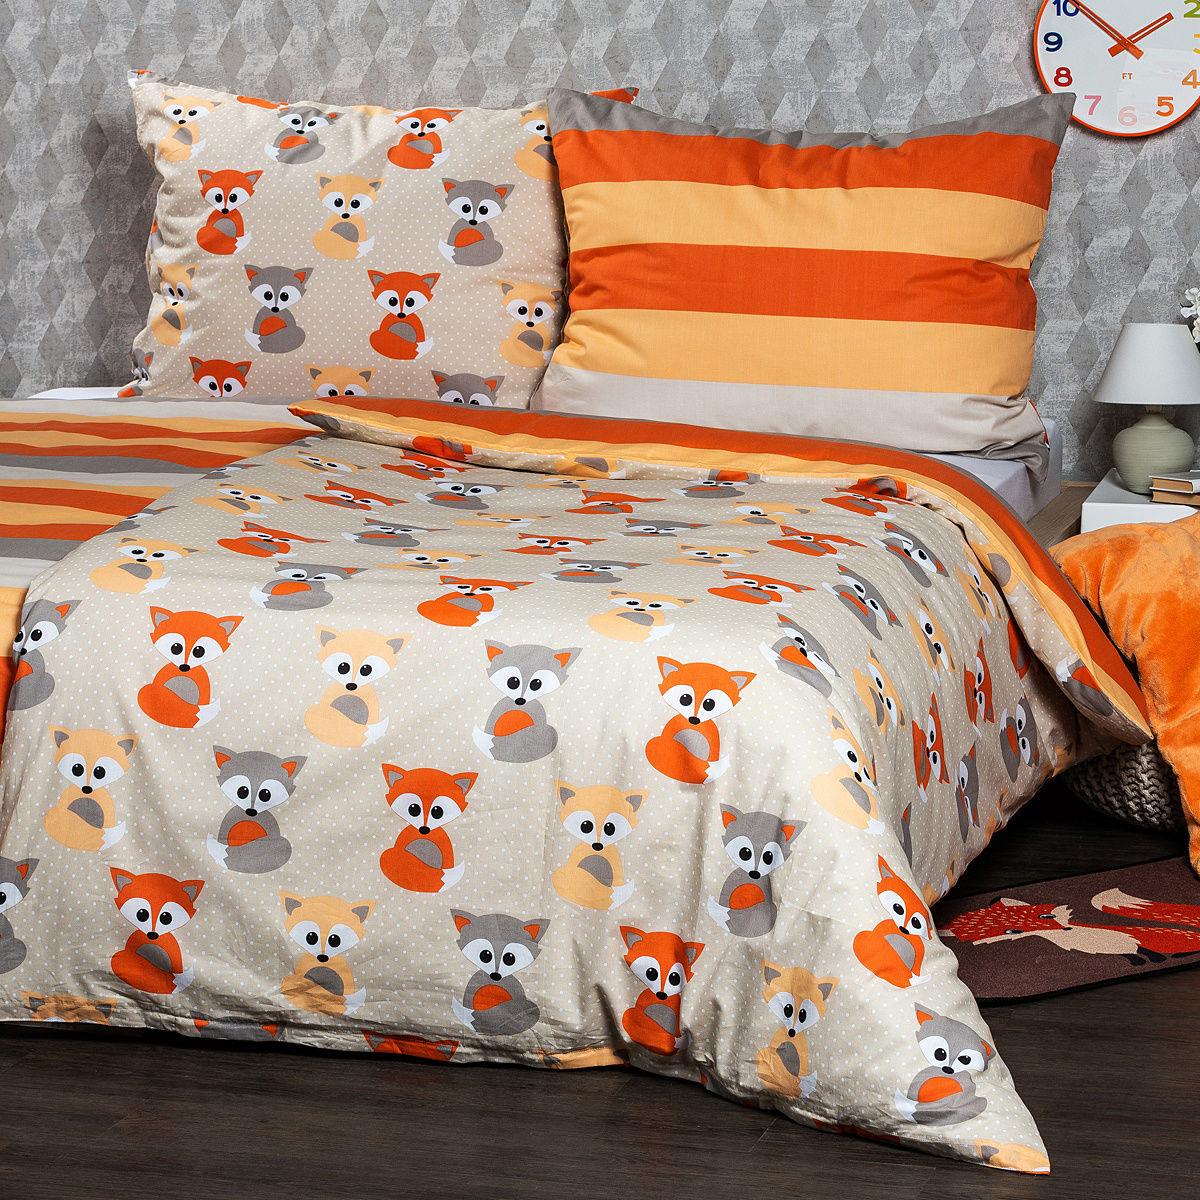 4Home Pościel bawełniana Little Fox, 220 x 200 cm, 2 szt. 70 x 90 cm, 220 x 200 cm, 2 szt. 70 x 90 cm